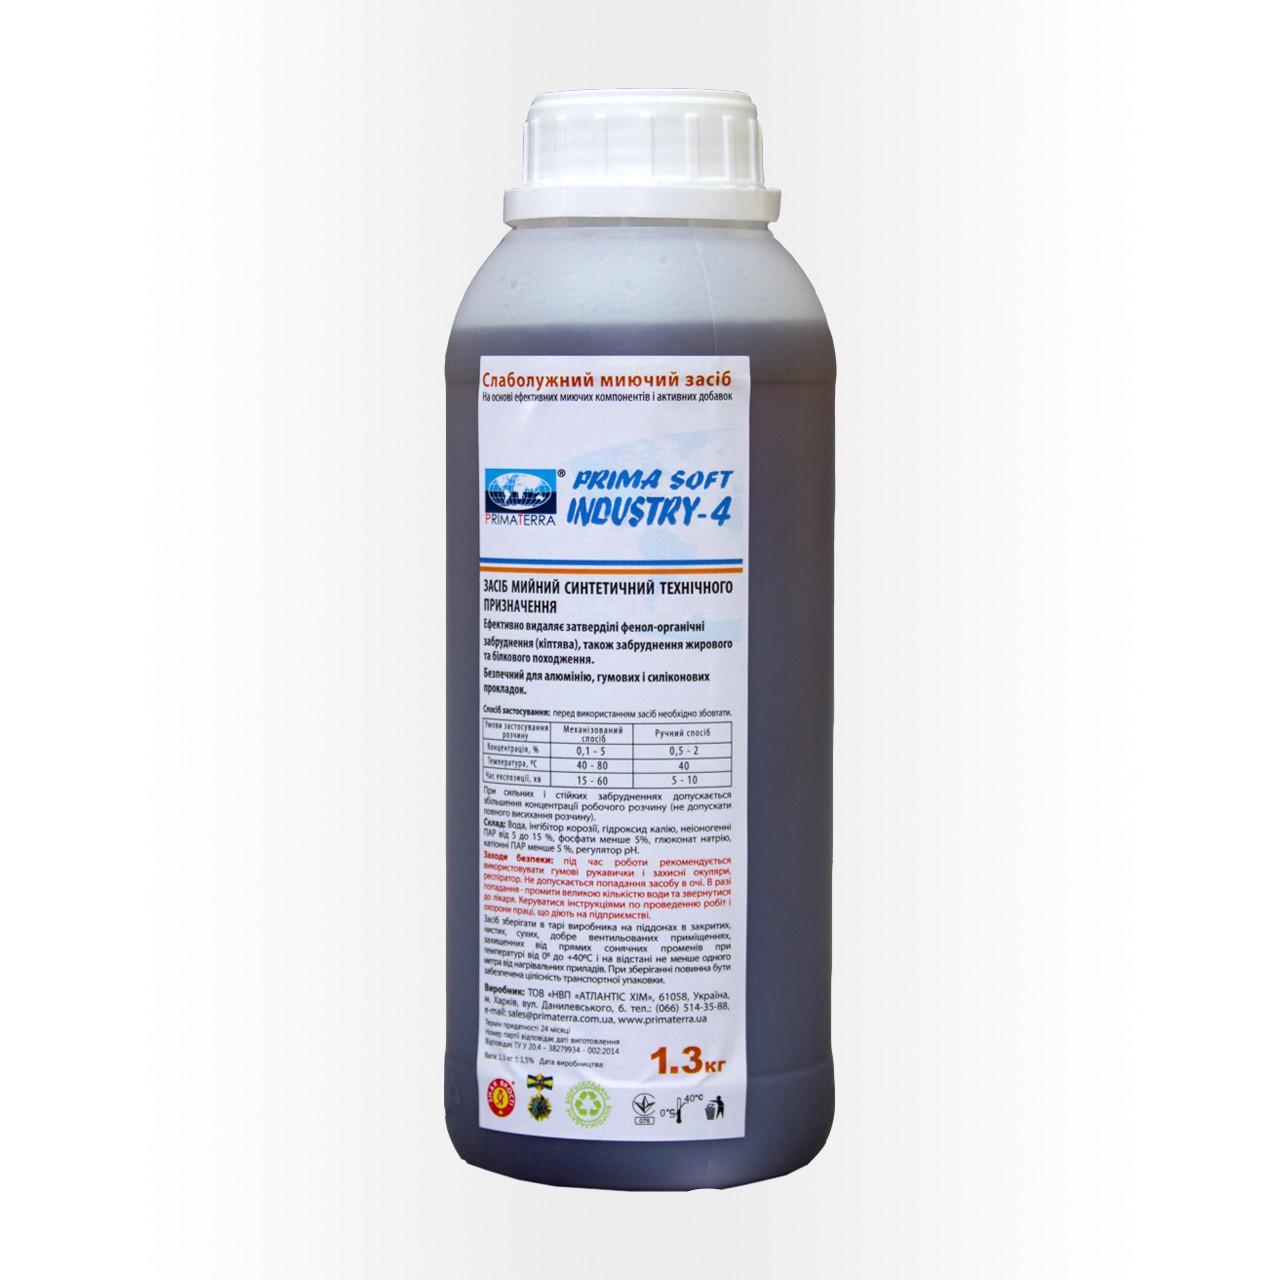 Слаболужний пінний миючий засіб для алюмінію, концентрат Industry-4 (1,3 кг)